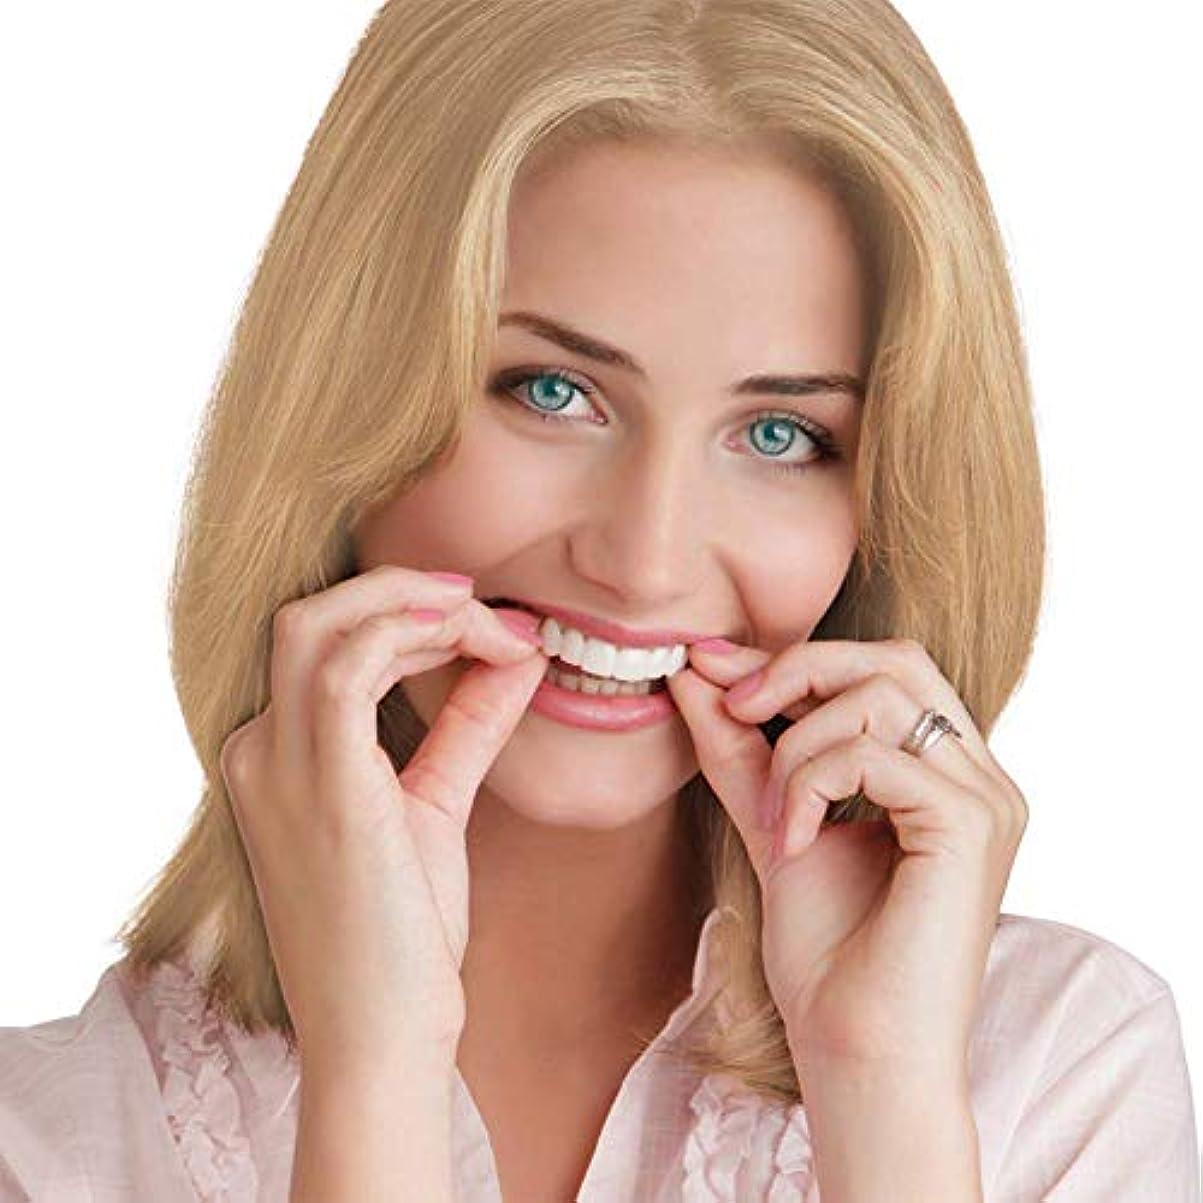 神経十代畝間インスタントスマイルコンフォートフィット化粧品義歯義歯ベニア歯コンフォートフィットフレックス化粧品歯上歯突き板および下突き板 - 歯突き板,8PcsA